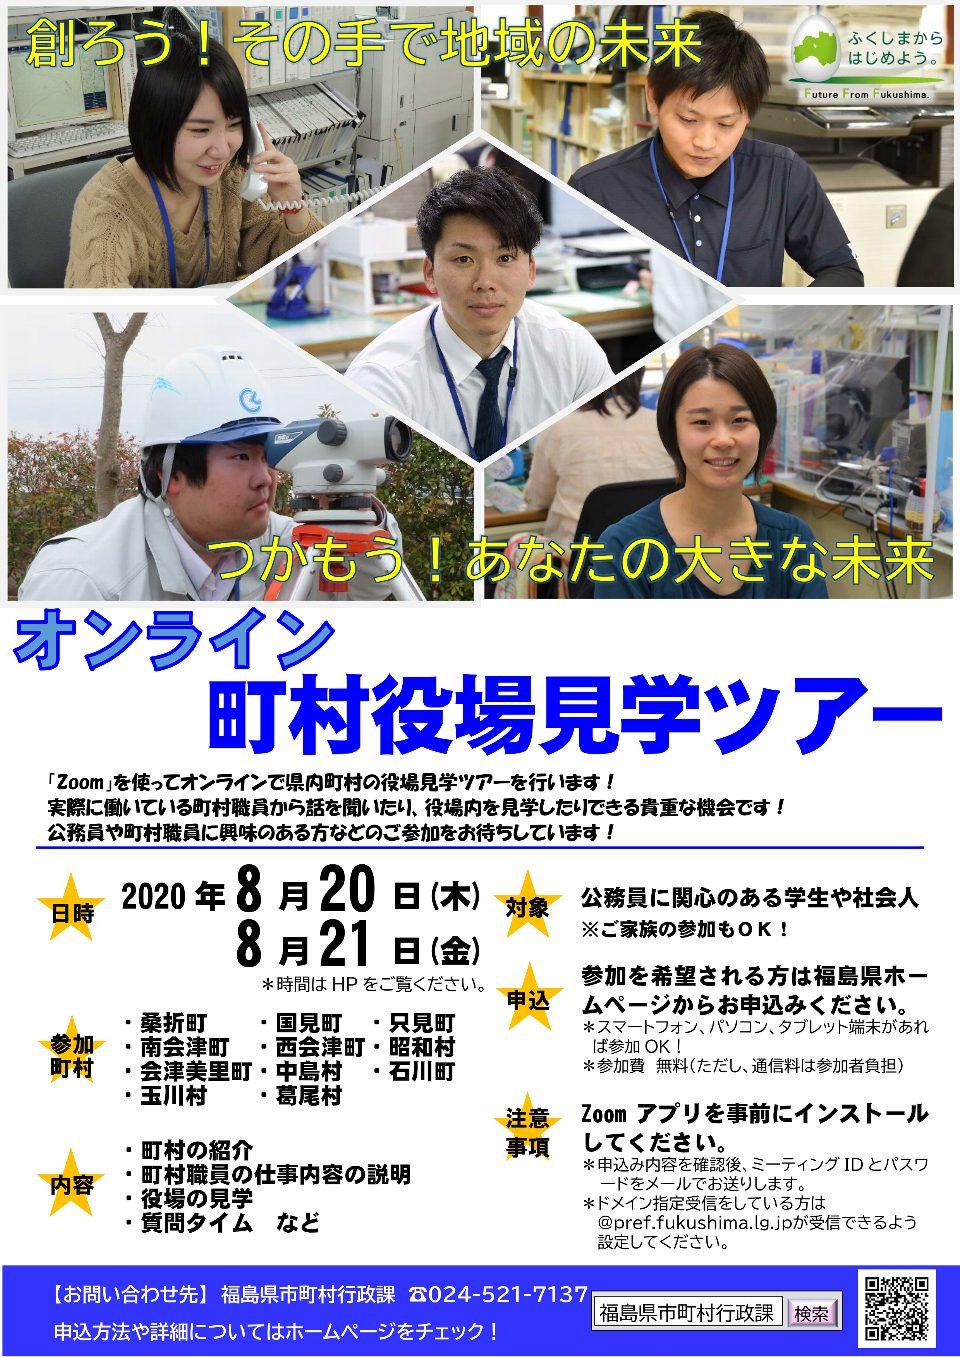 福島県内町村役場オンライン見学ツアー @ オンライン上(Zoomアプリ使用)